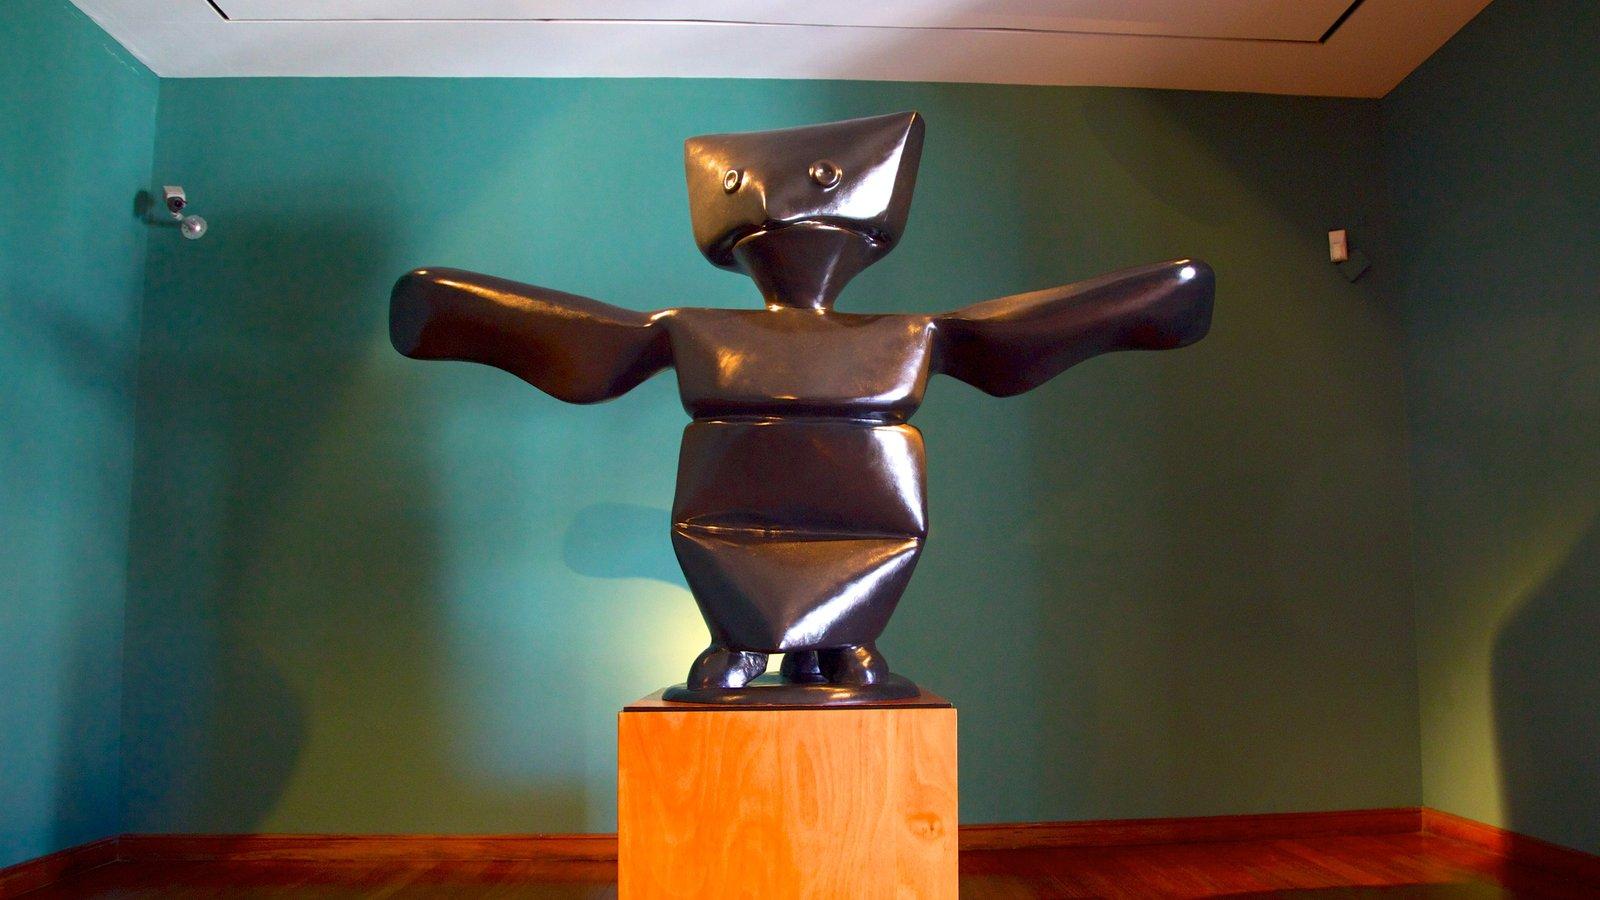 Museo Botero mostrando uma estátua ou escultura e vistas internas